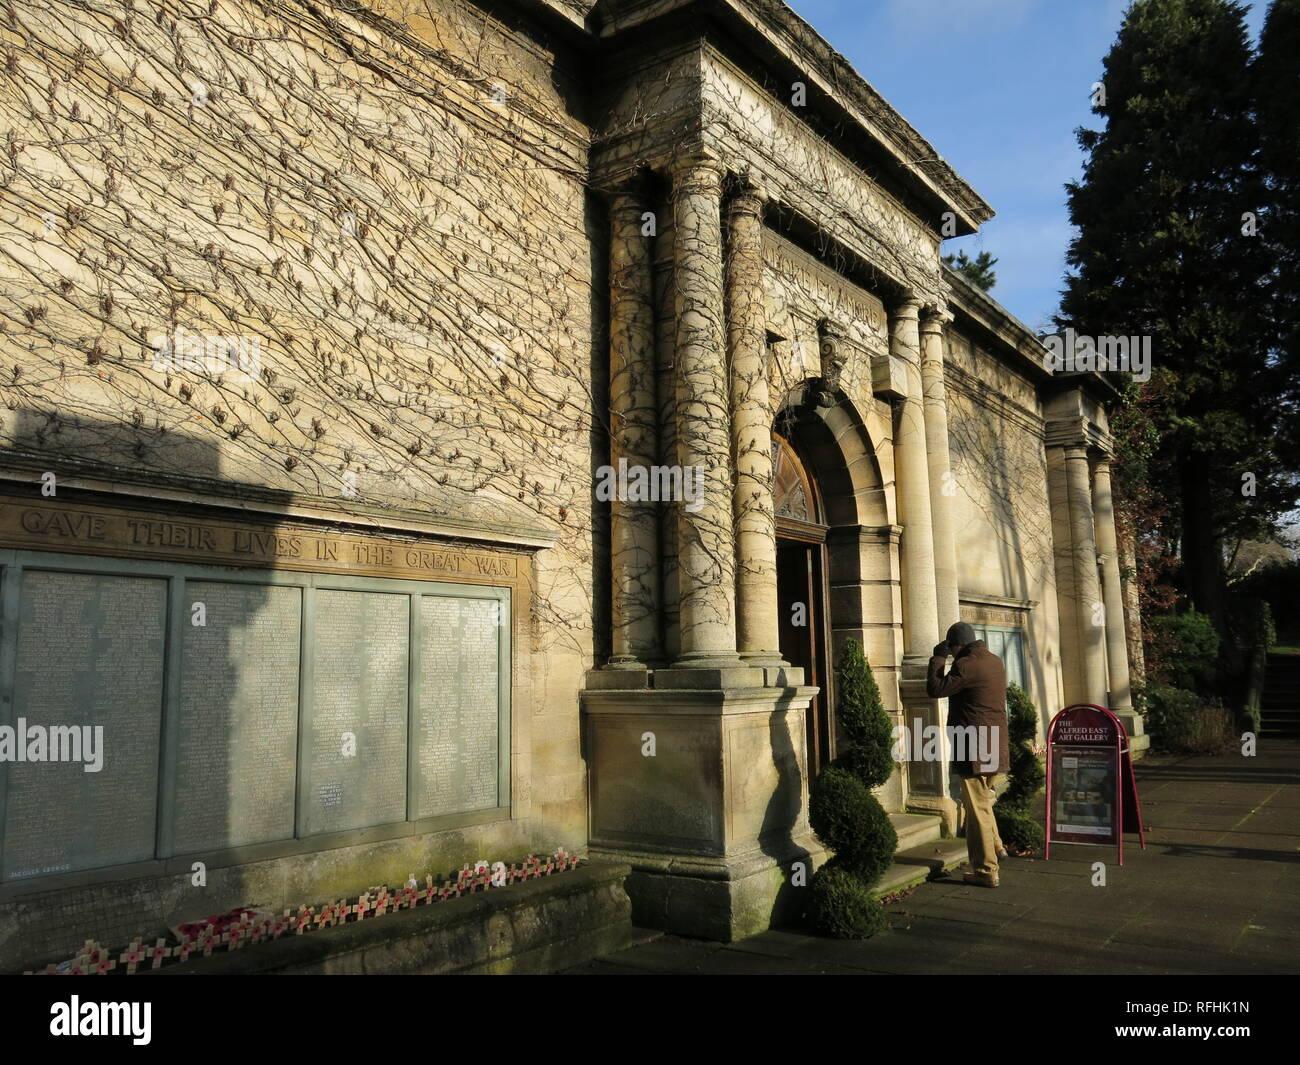 L'ingresso alla Alfred East Art Gallery di Kettering Town Center, con i rotoli di onore di uomini che hanno dato la loro vita nella Grande Guerra. Immagini Stock